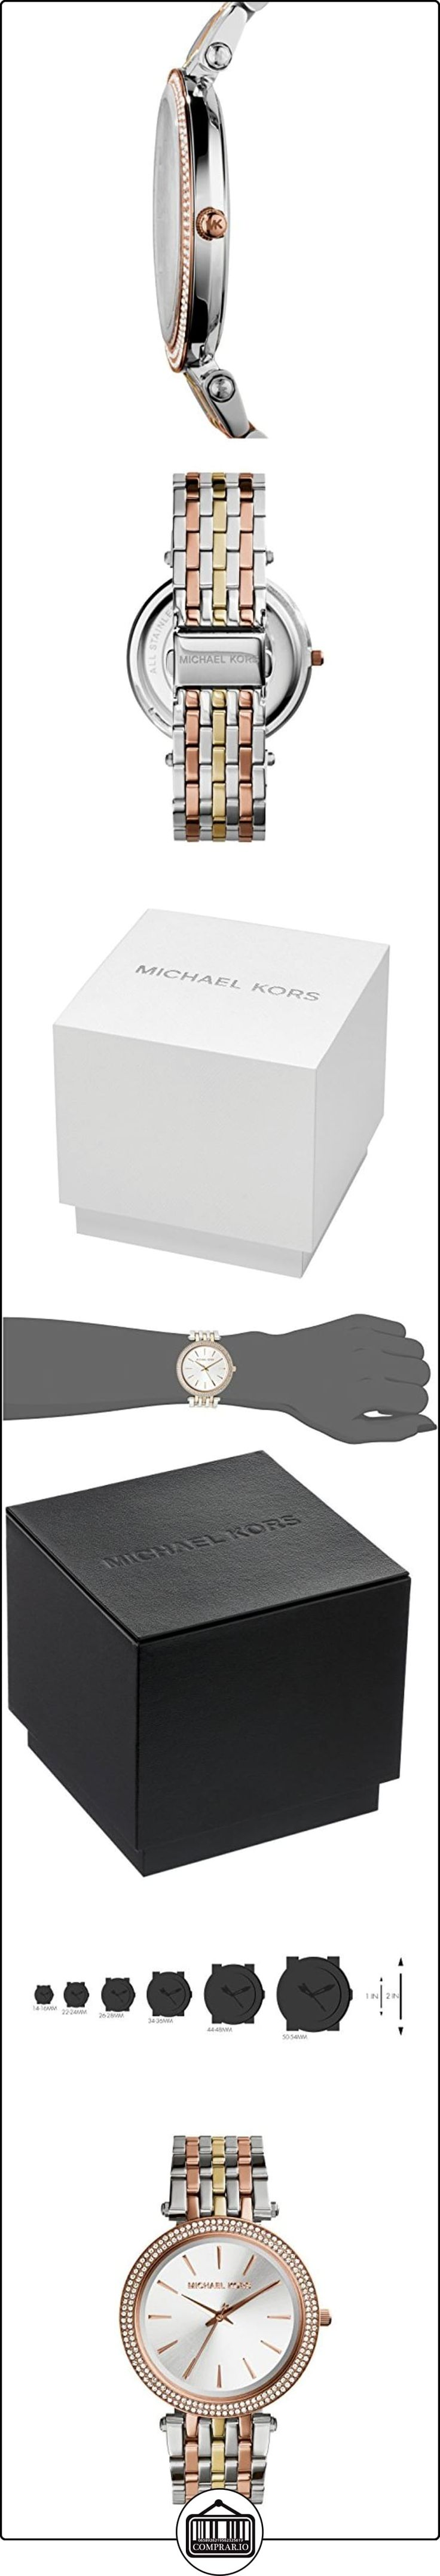 Michael Kors MK3203 - Reloj de cuarzo con correa de acero inoxidable para mujer , multicolor  ✿ Relojes para mujer - (Gama media/alta) ✿